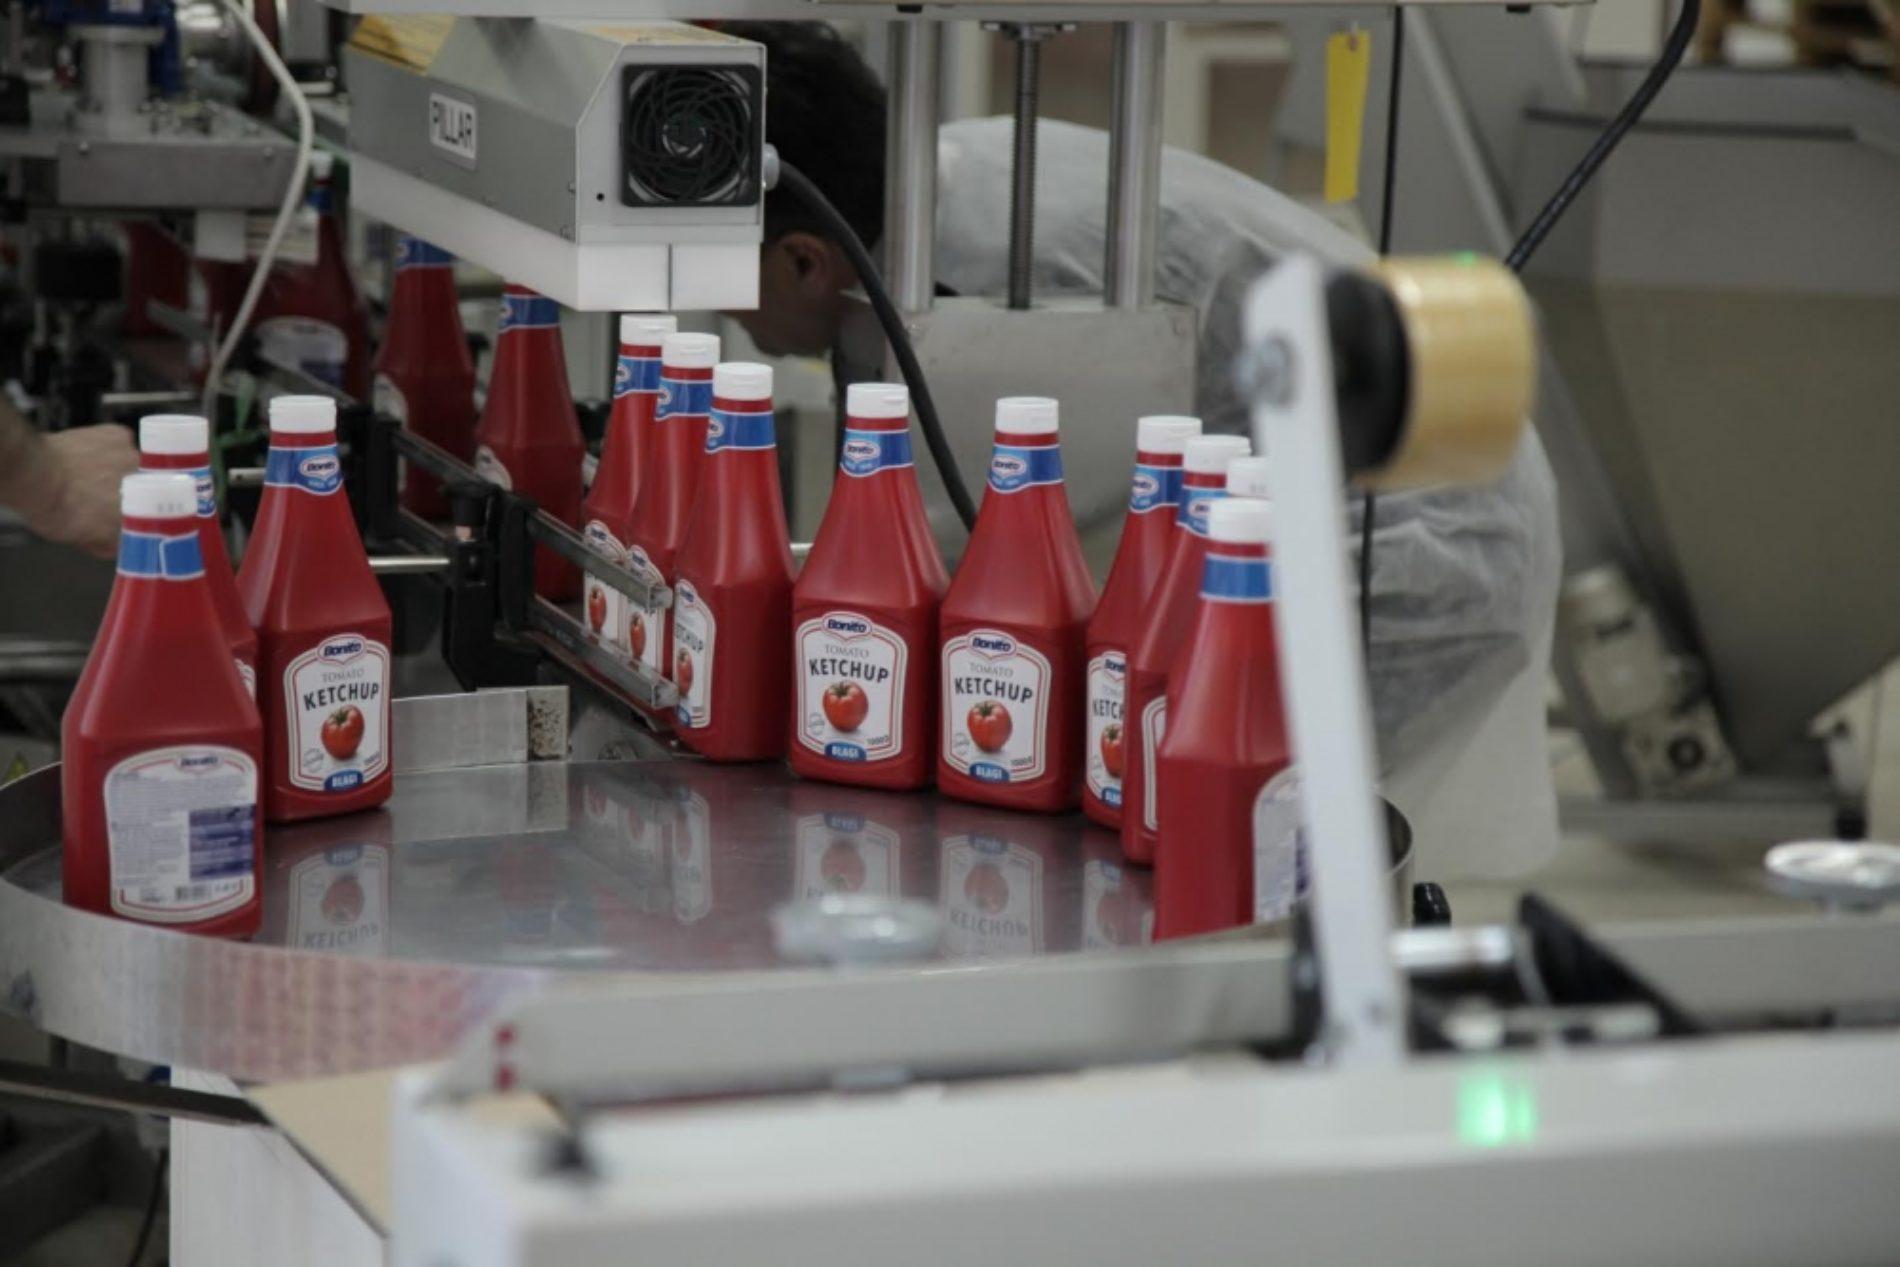 Da li znate gdje se u Bosni i Hercegovini pravi najbolji kečap?